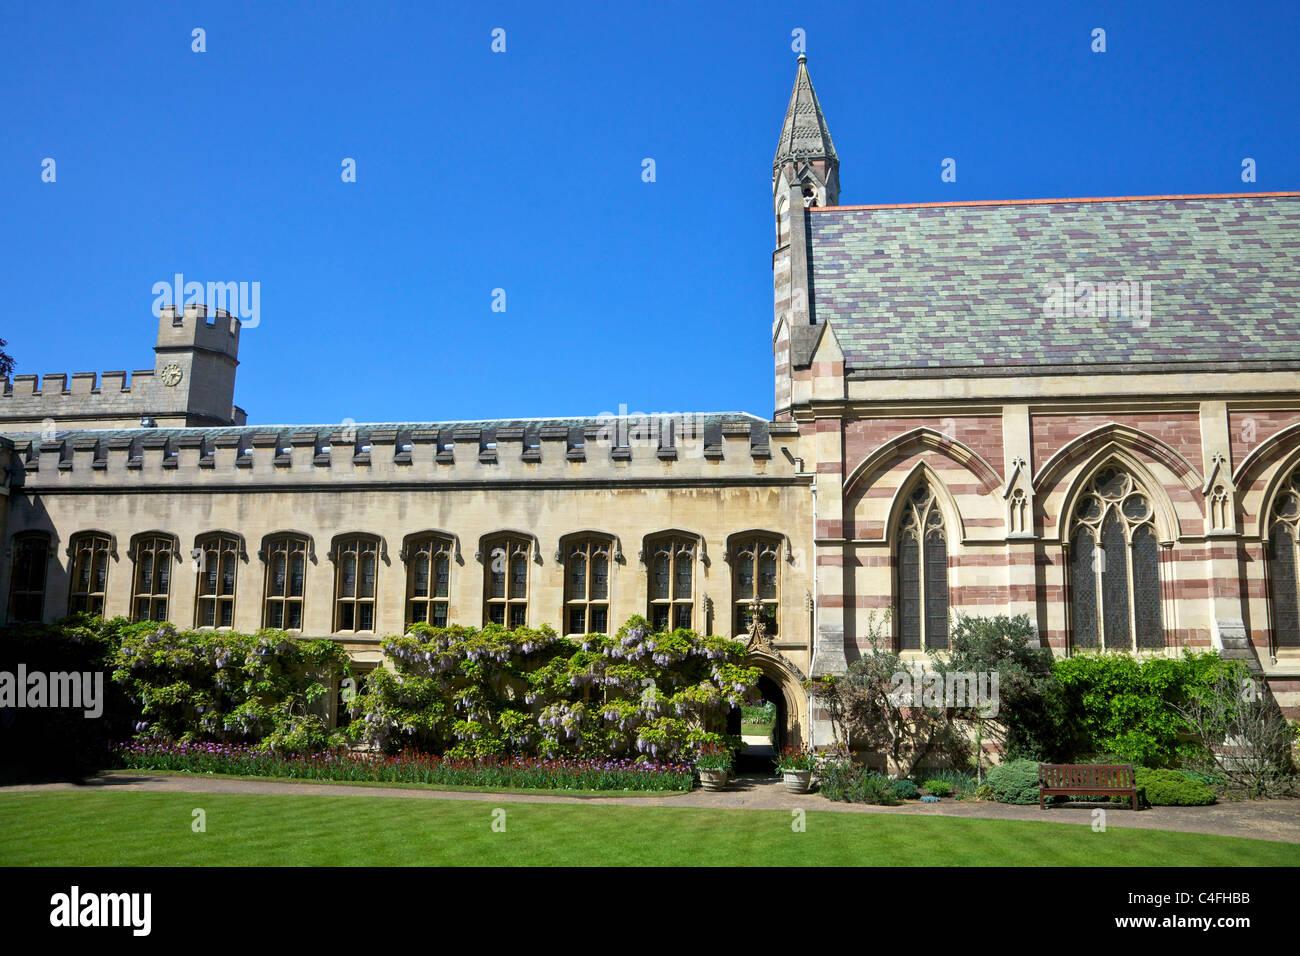 Am Balliol College der Universität Oxford, Oxfordshire, England, Vereinigtes Königreich Vereinigtes Königreich, Stockbild